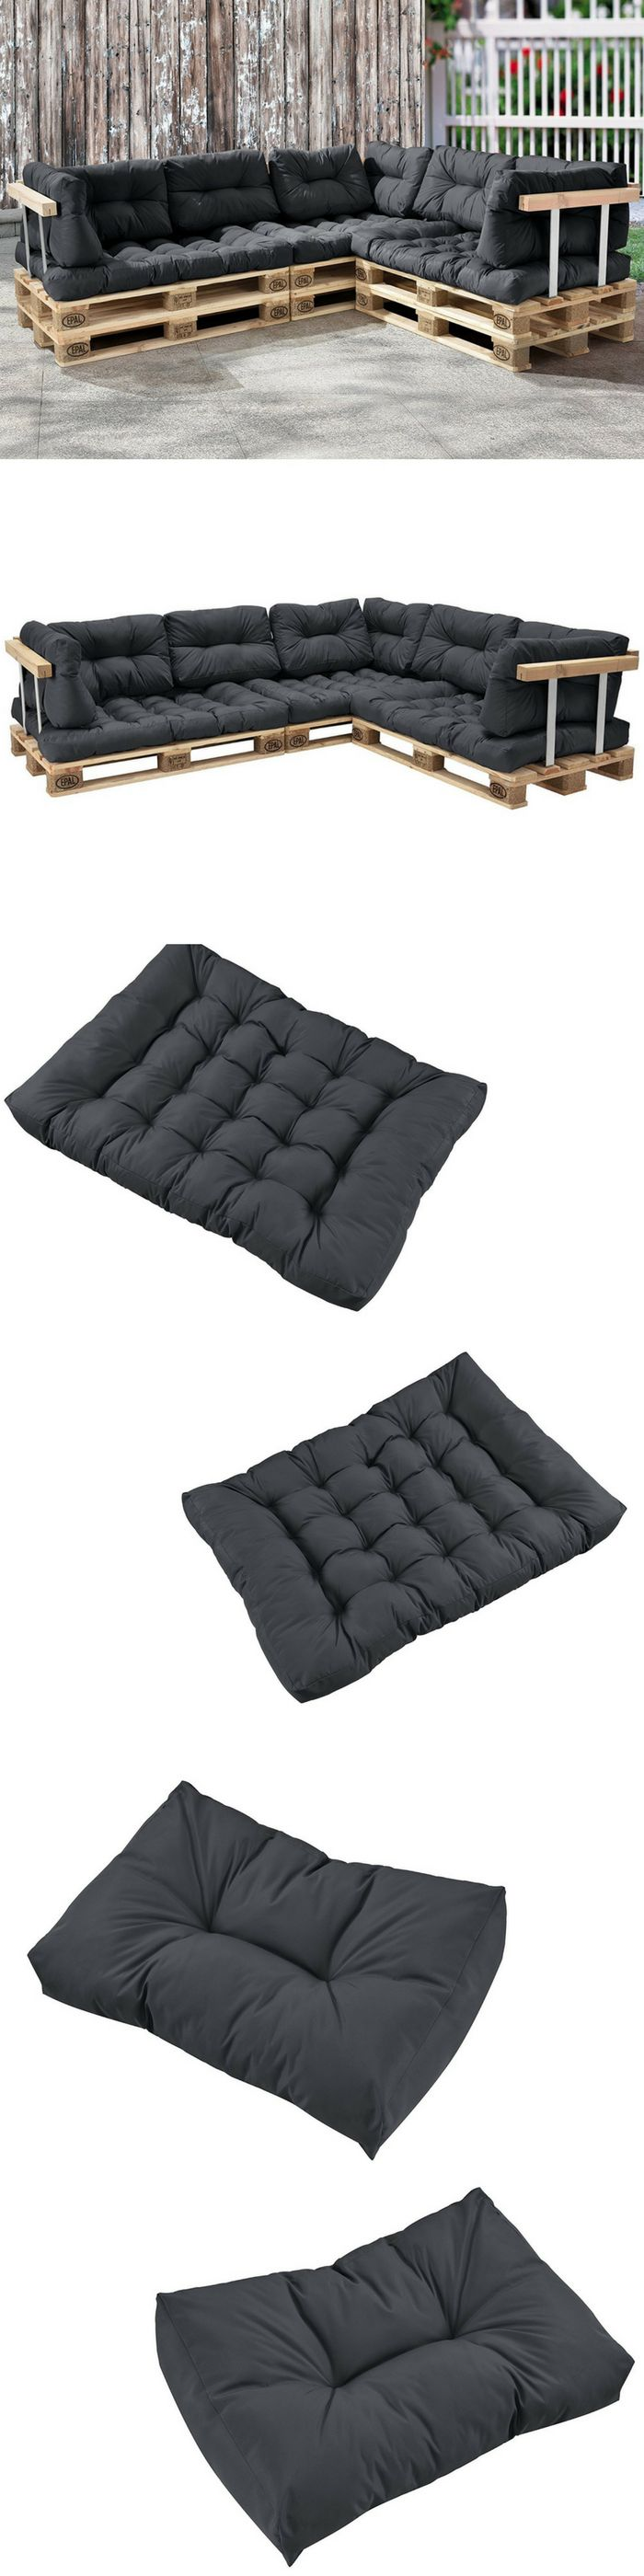 Des coussins (assise & dossier) pour la fabrication de canapés et meubles en palette